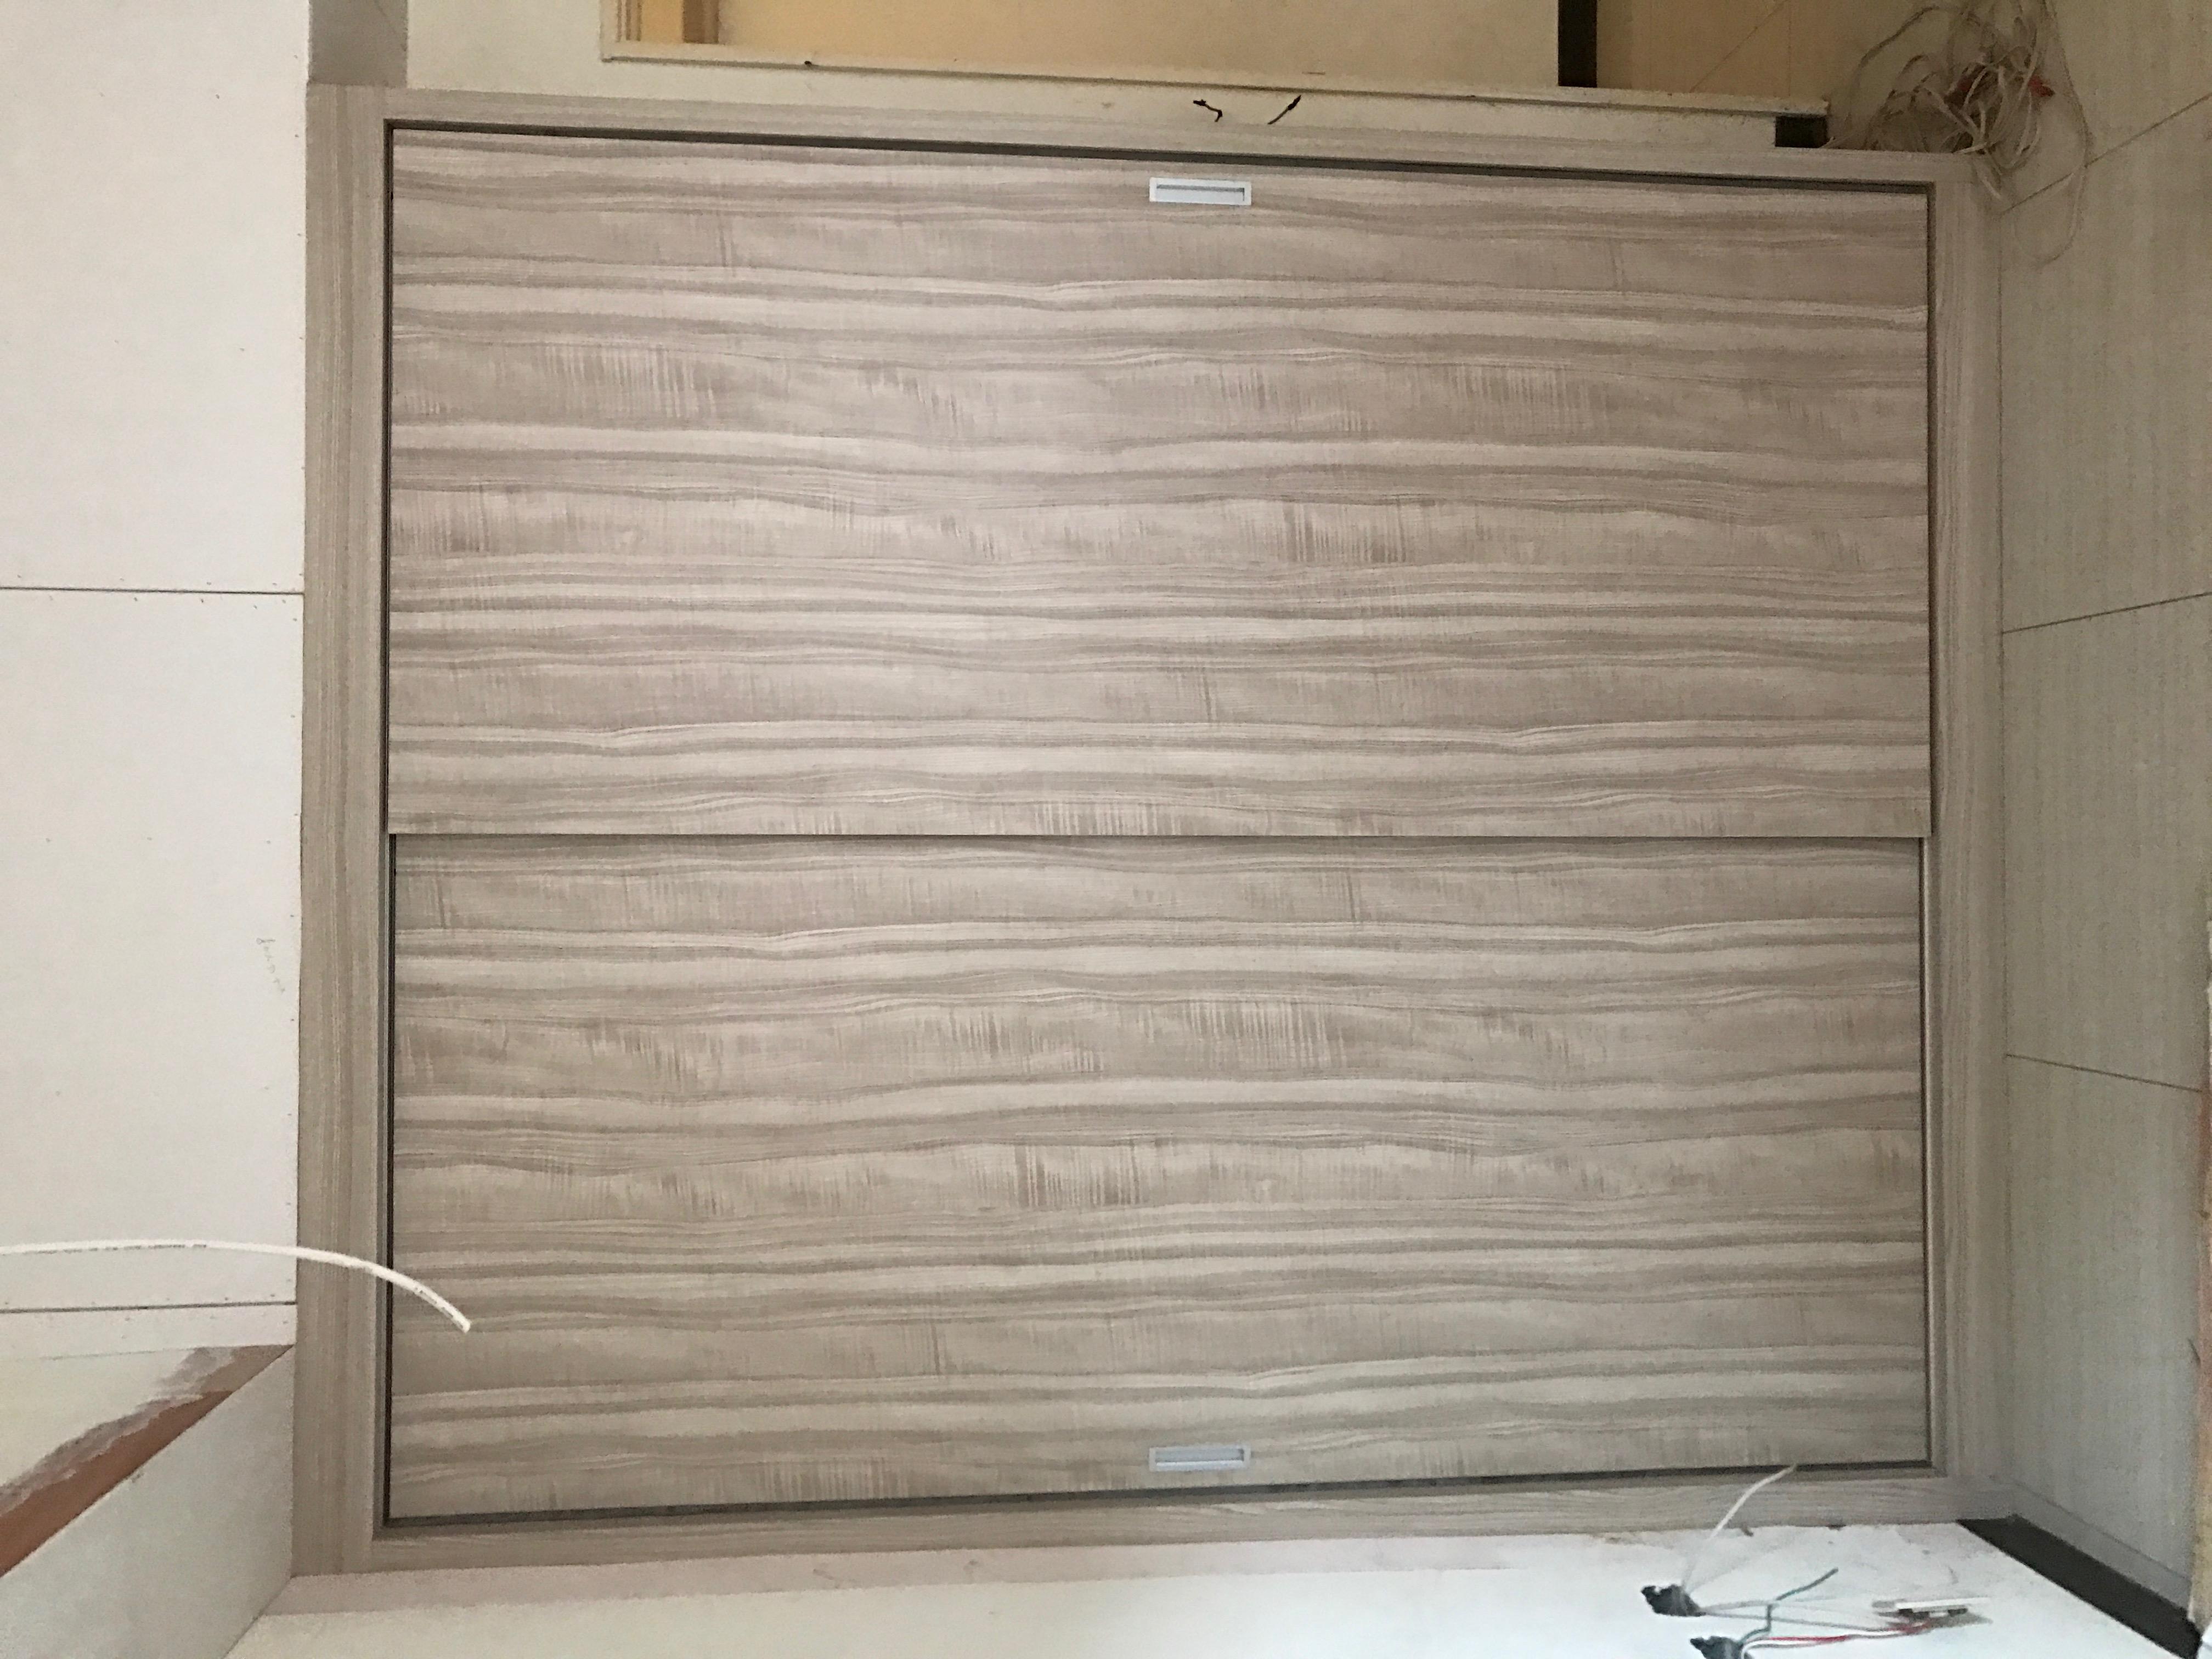 台北市住家室內裝潢衣櫃系統櫃木工 (6)